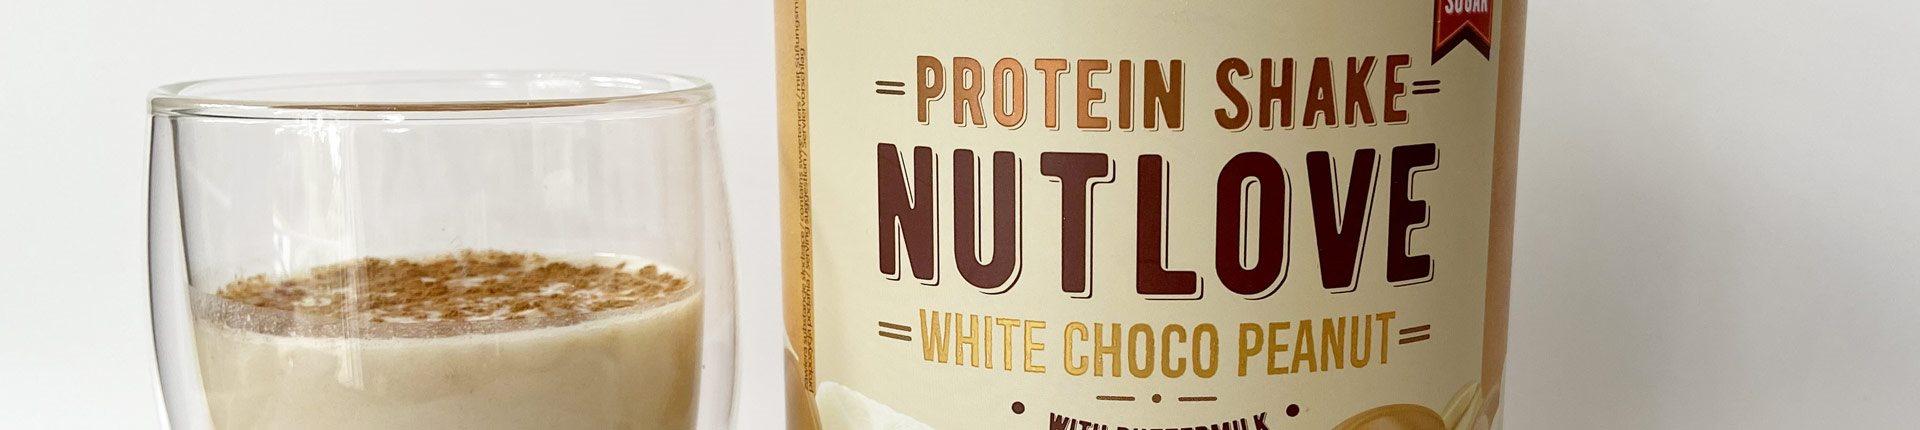 NUTLOVE PROTEIN SHAKE - wyśmienita odżywka białkowa